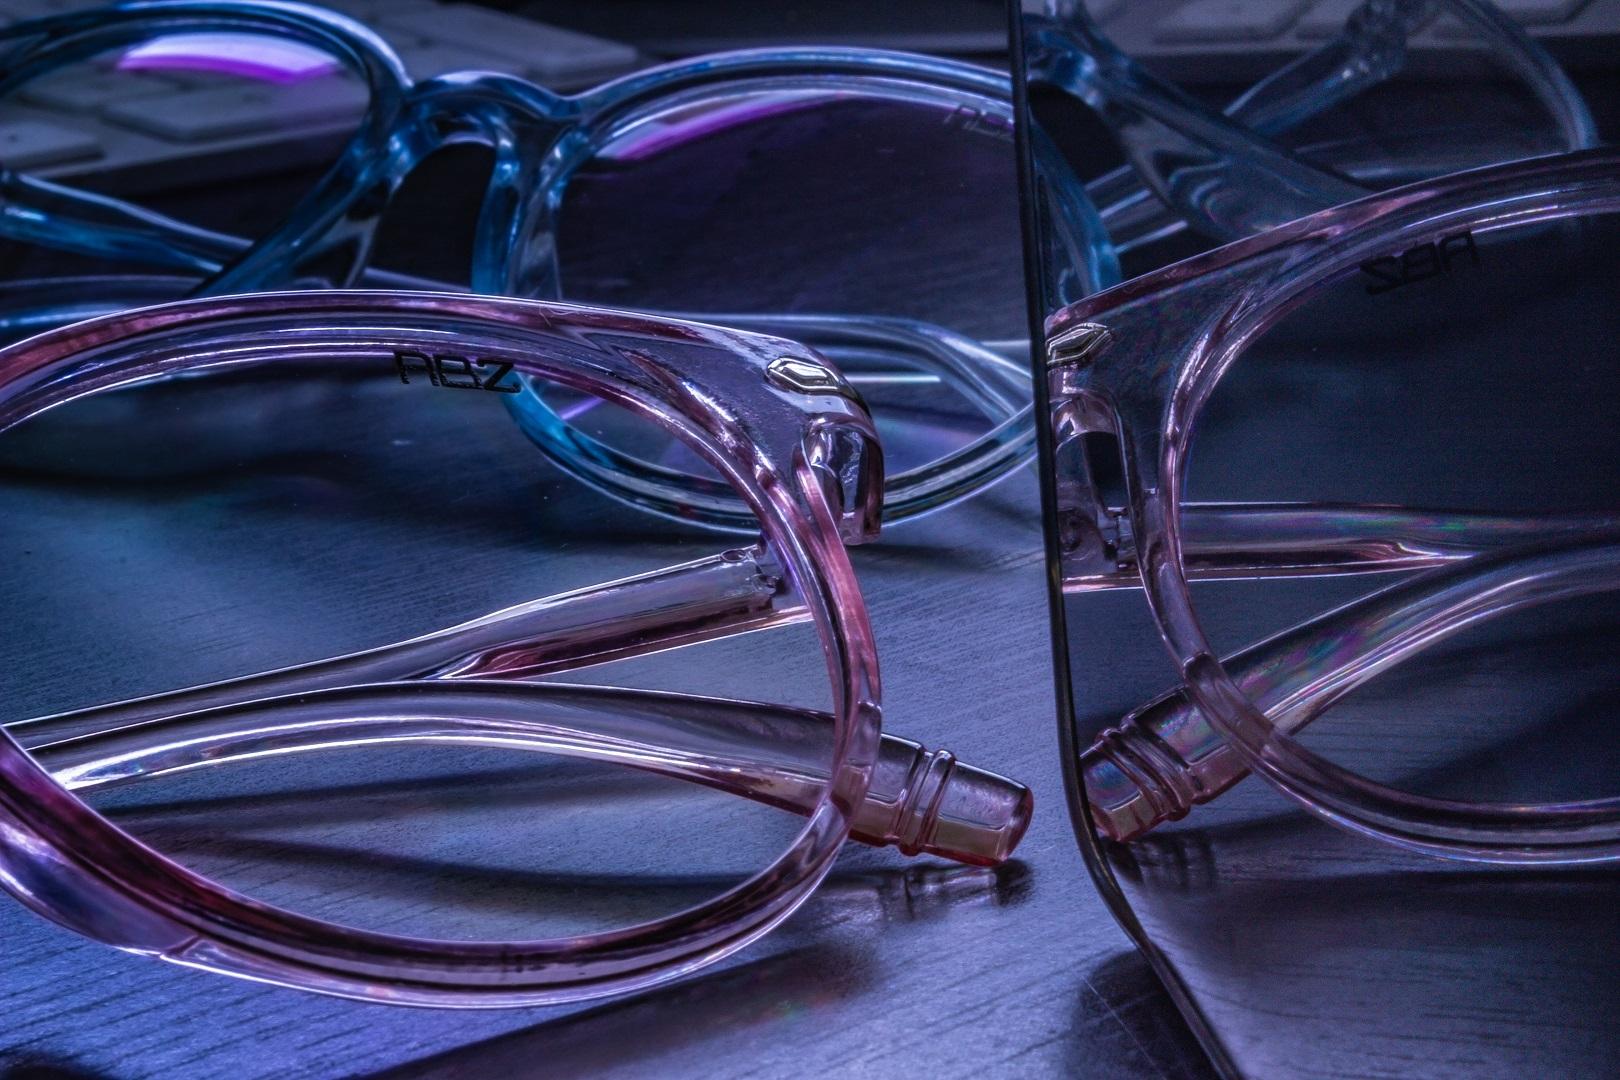 ABZ Blue Blocking Glasses & Cases